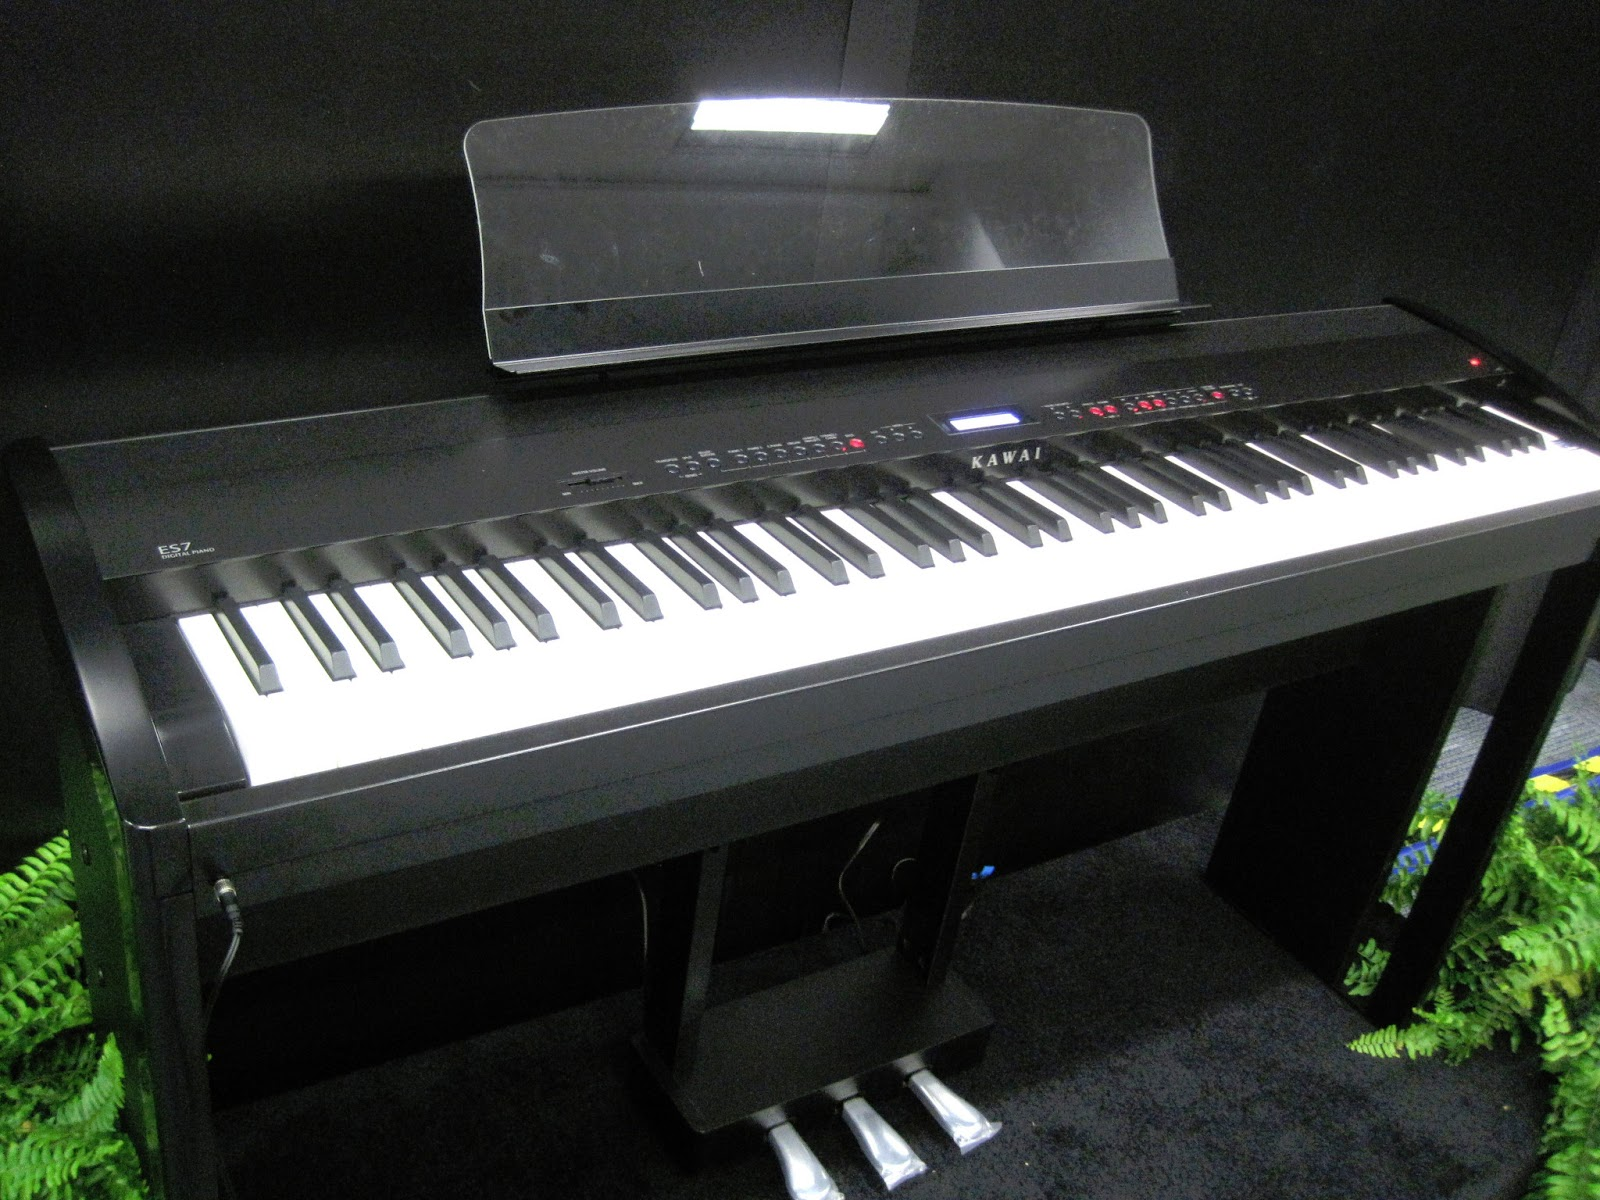 AZ PIANO REVIEWS: REVIEW - Kawai ES7 Digital Piano - Recommended